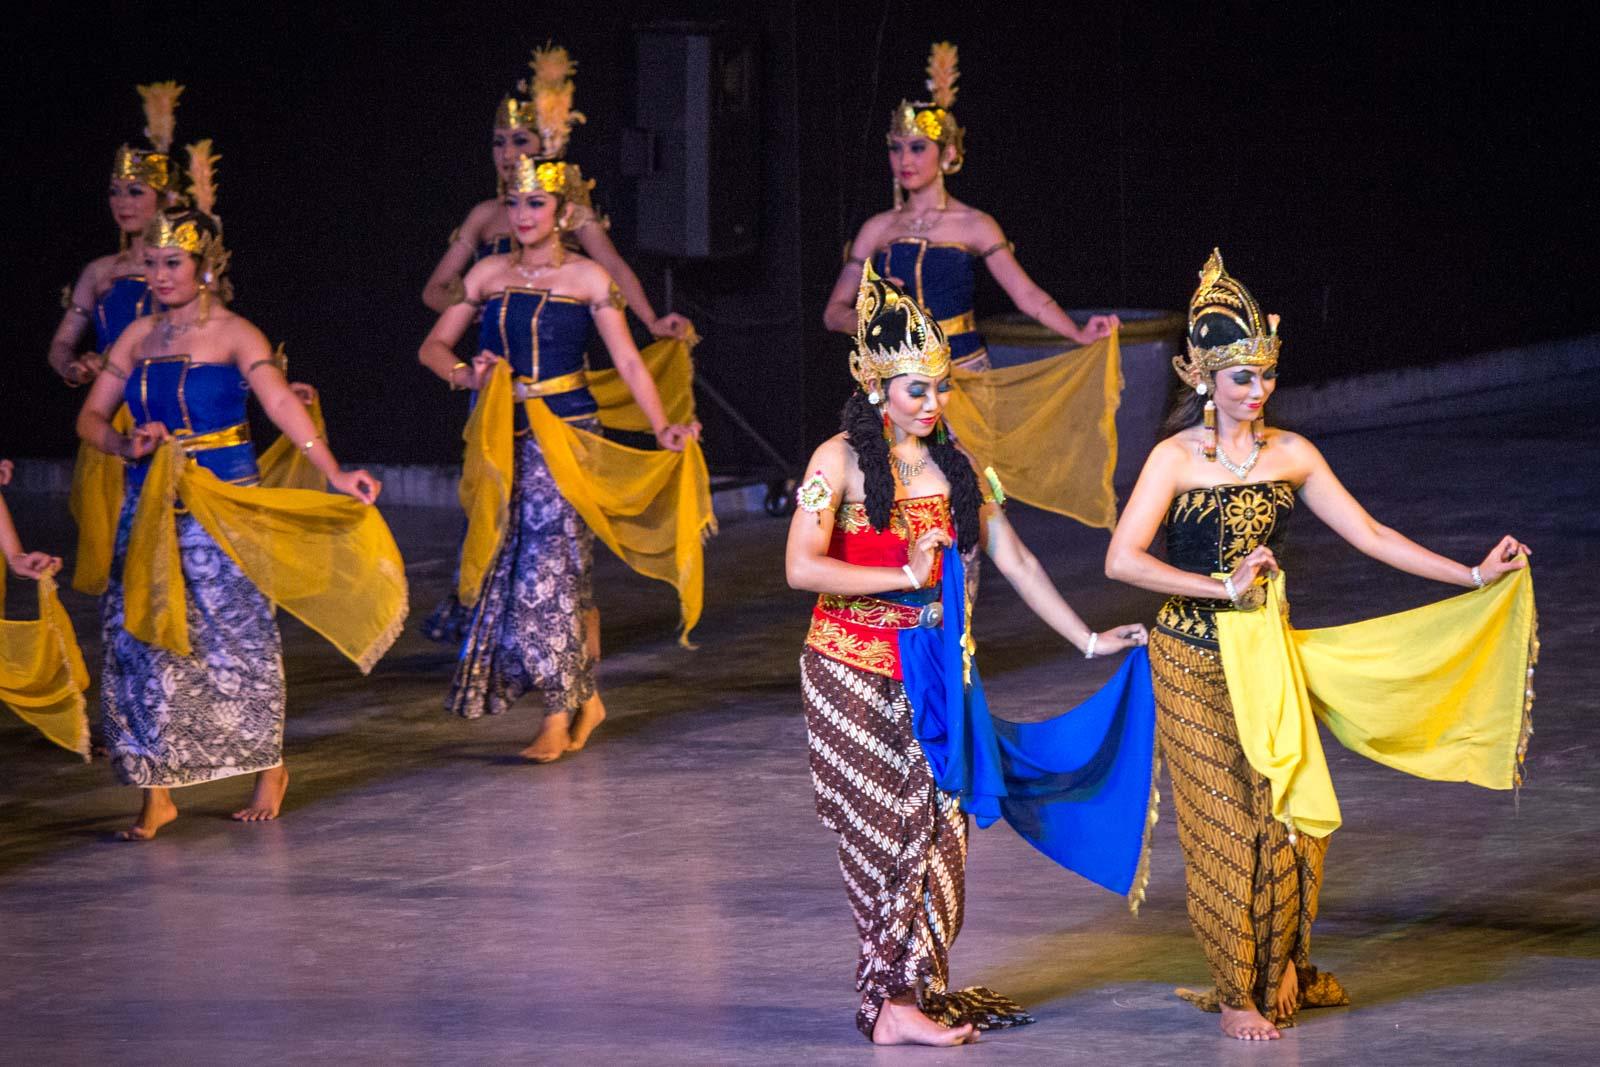 Ramayana Ballet at Prambanan Temple in Yogyakarta, Indonesia